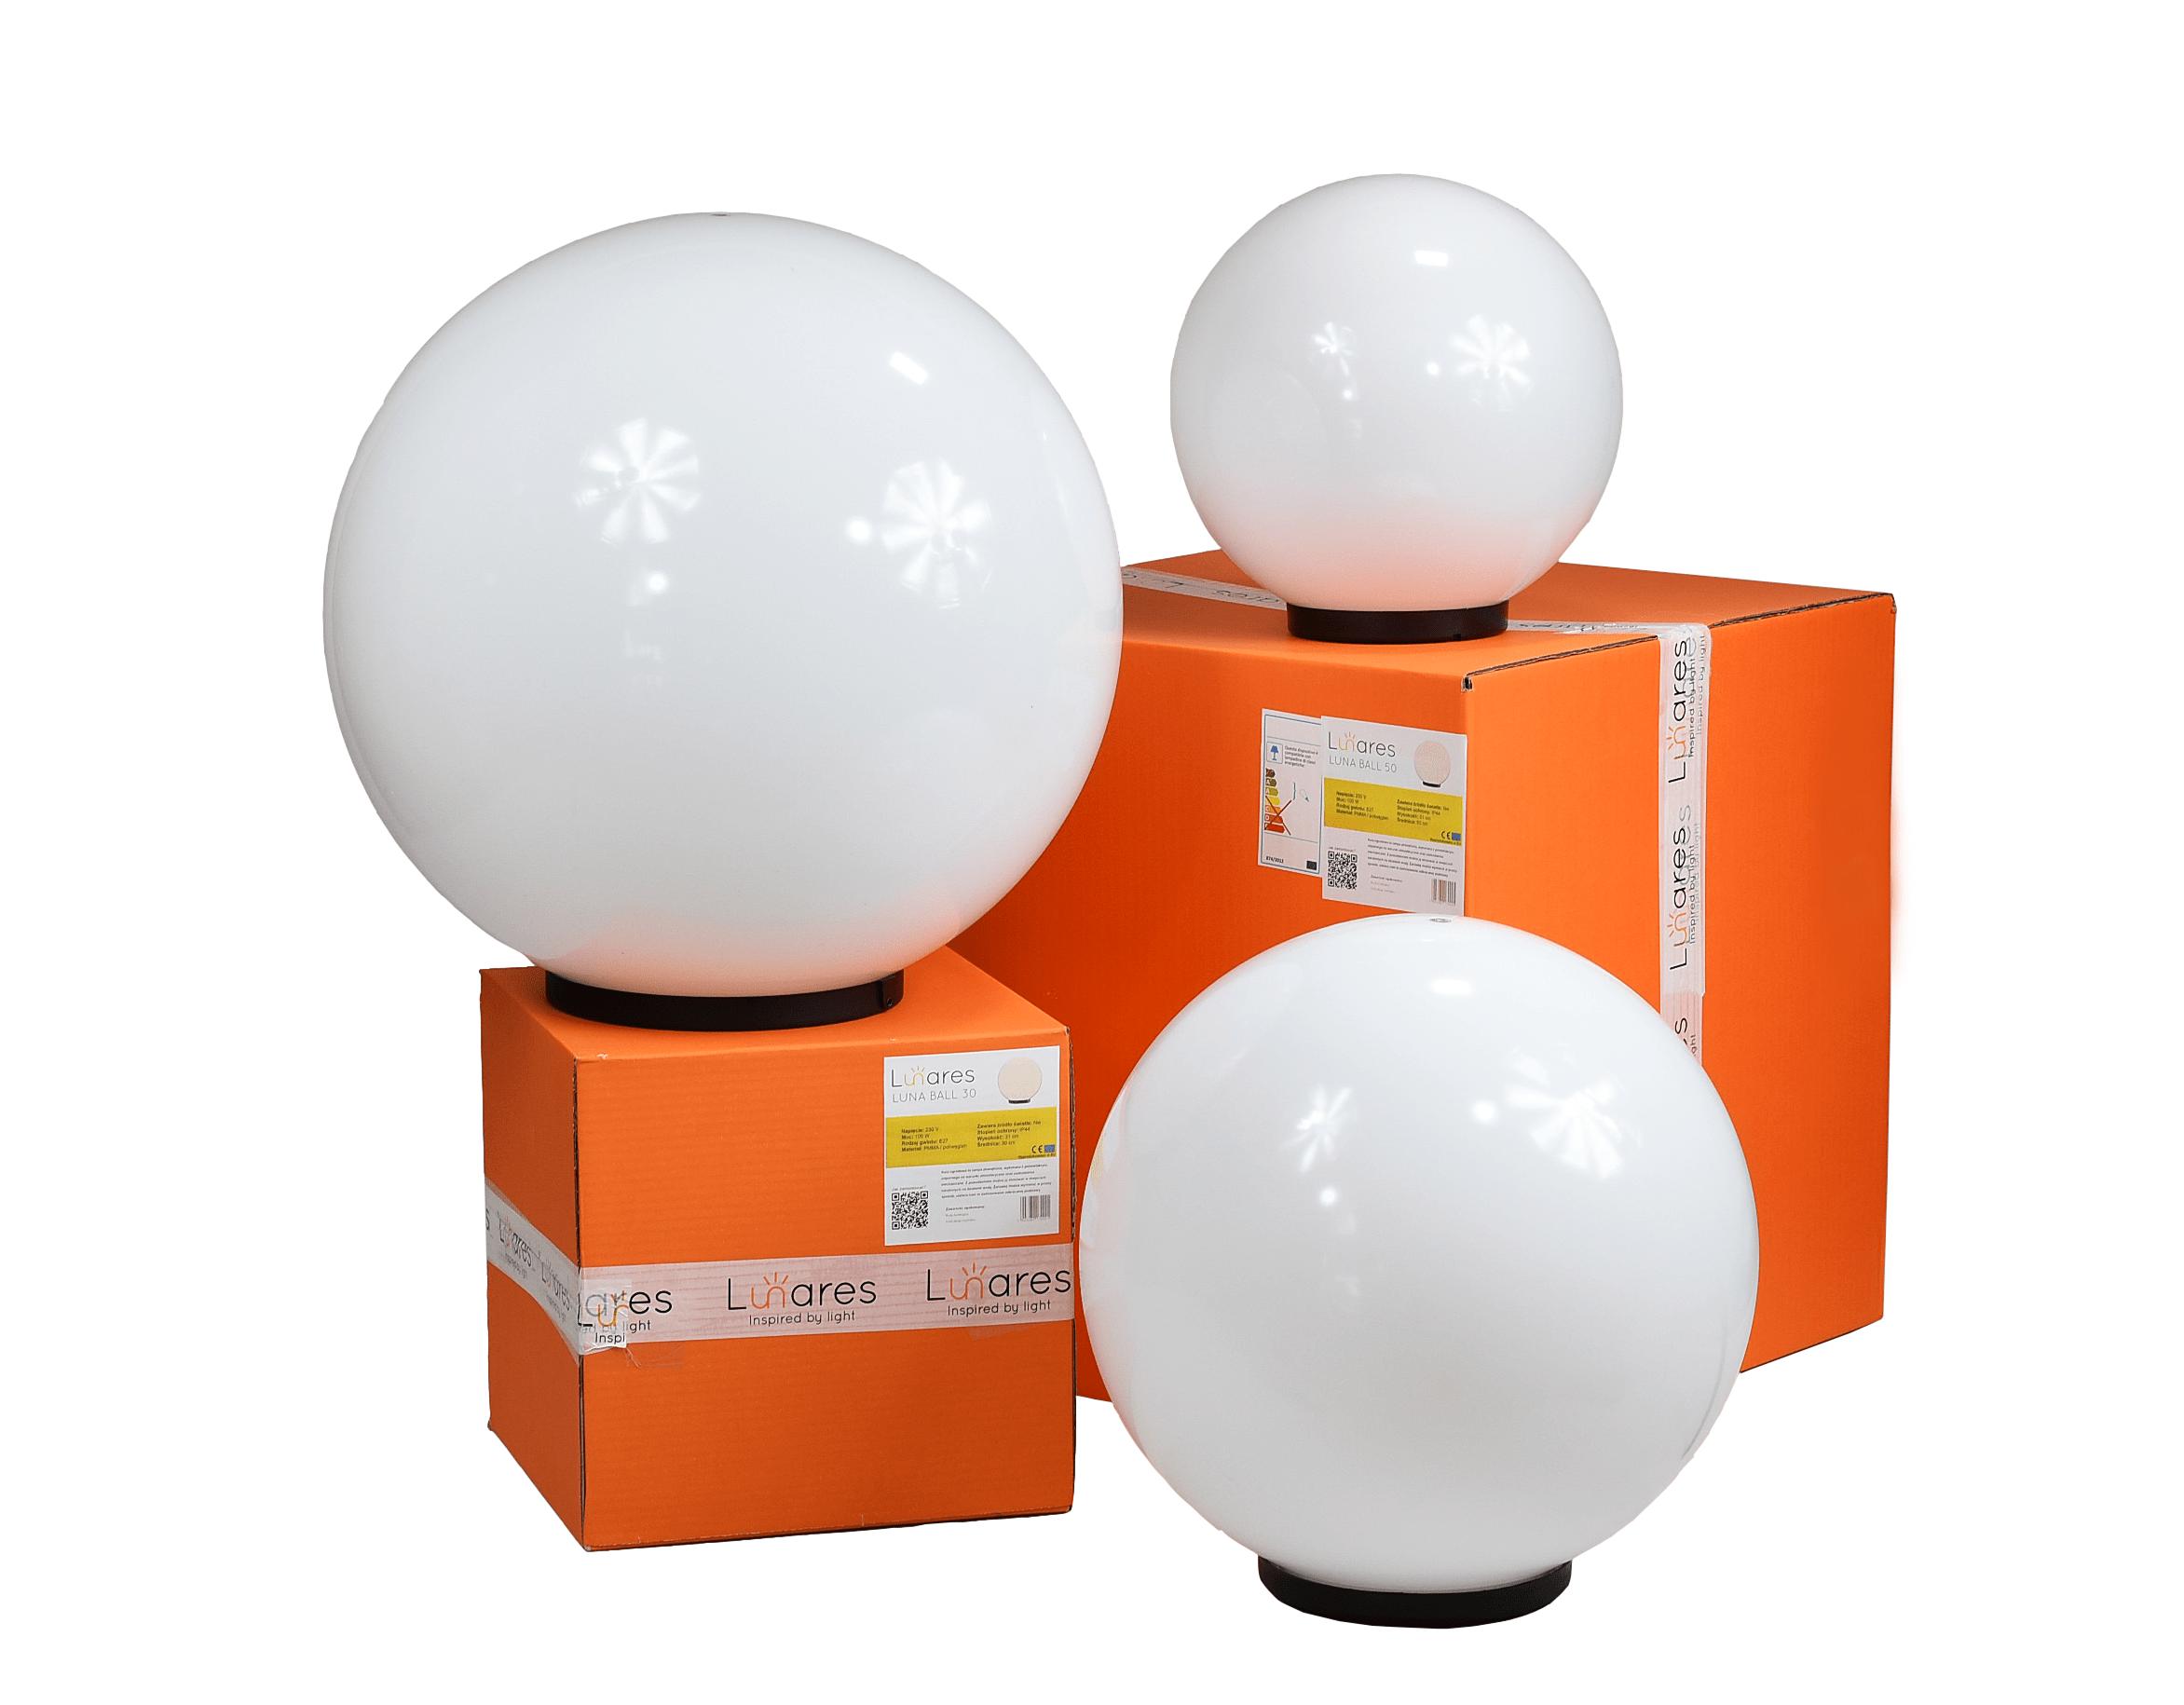 Három modern kerti lámpa szett Luna labda 20 cm, 30 cm, 40 cm, fehér golyók, fényes, LED izzók tartoznak